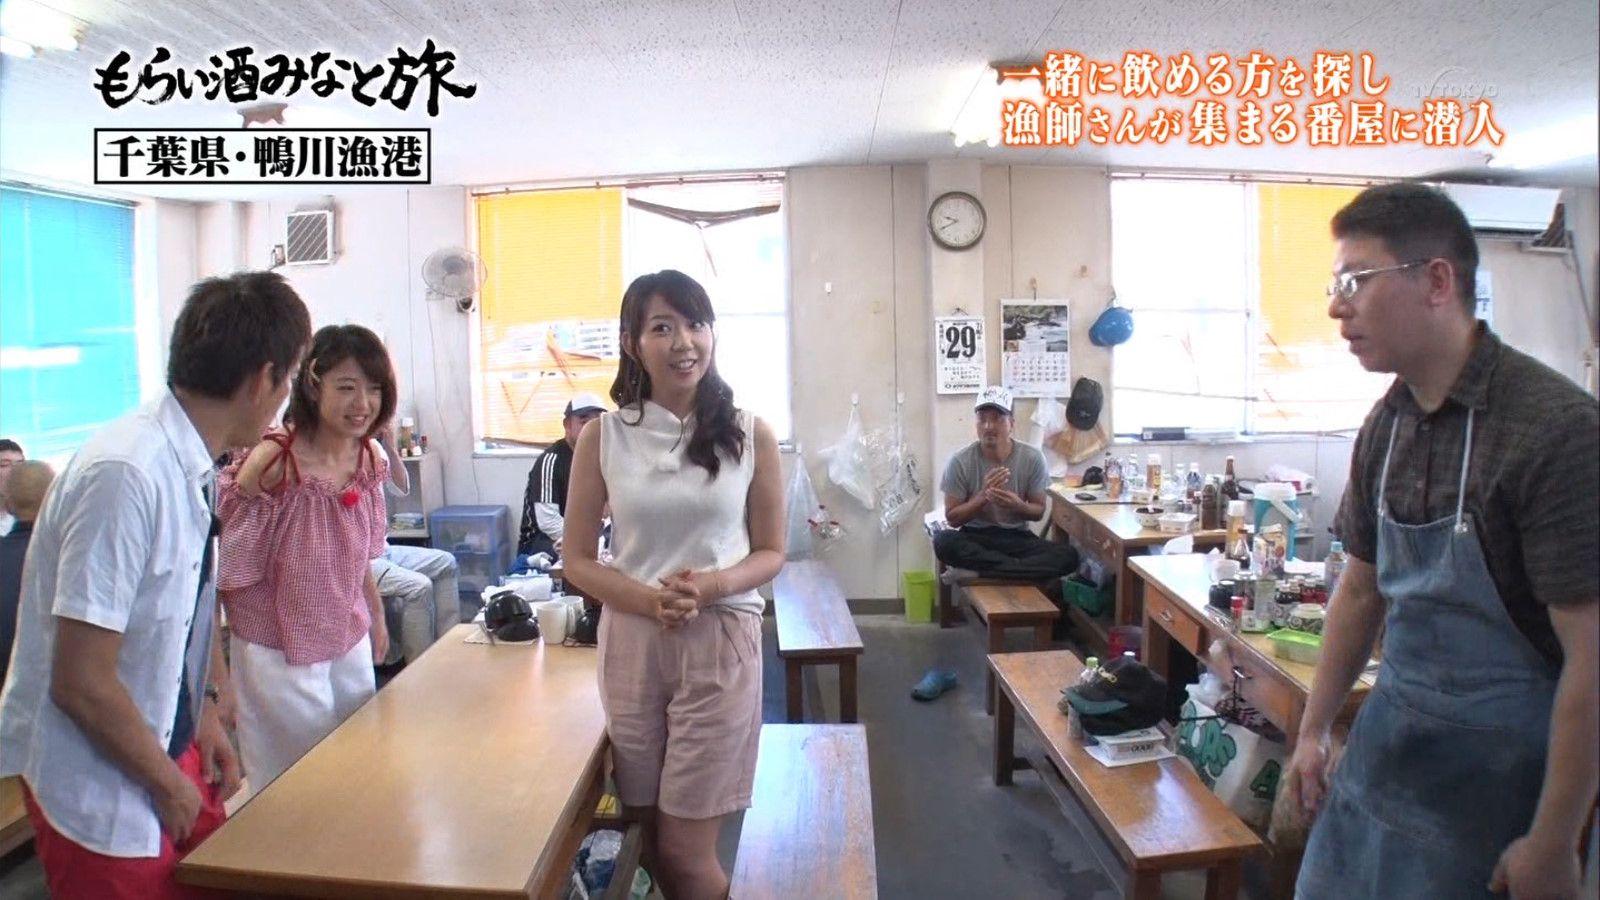 須黒清華アナのおっぱいのキャプ10